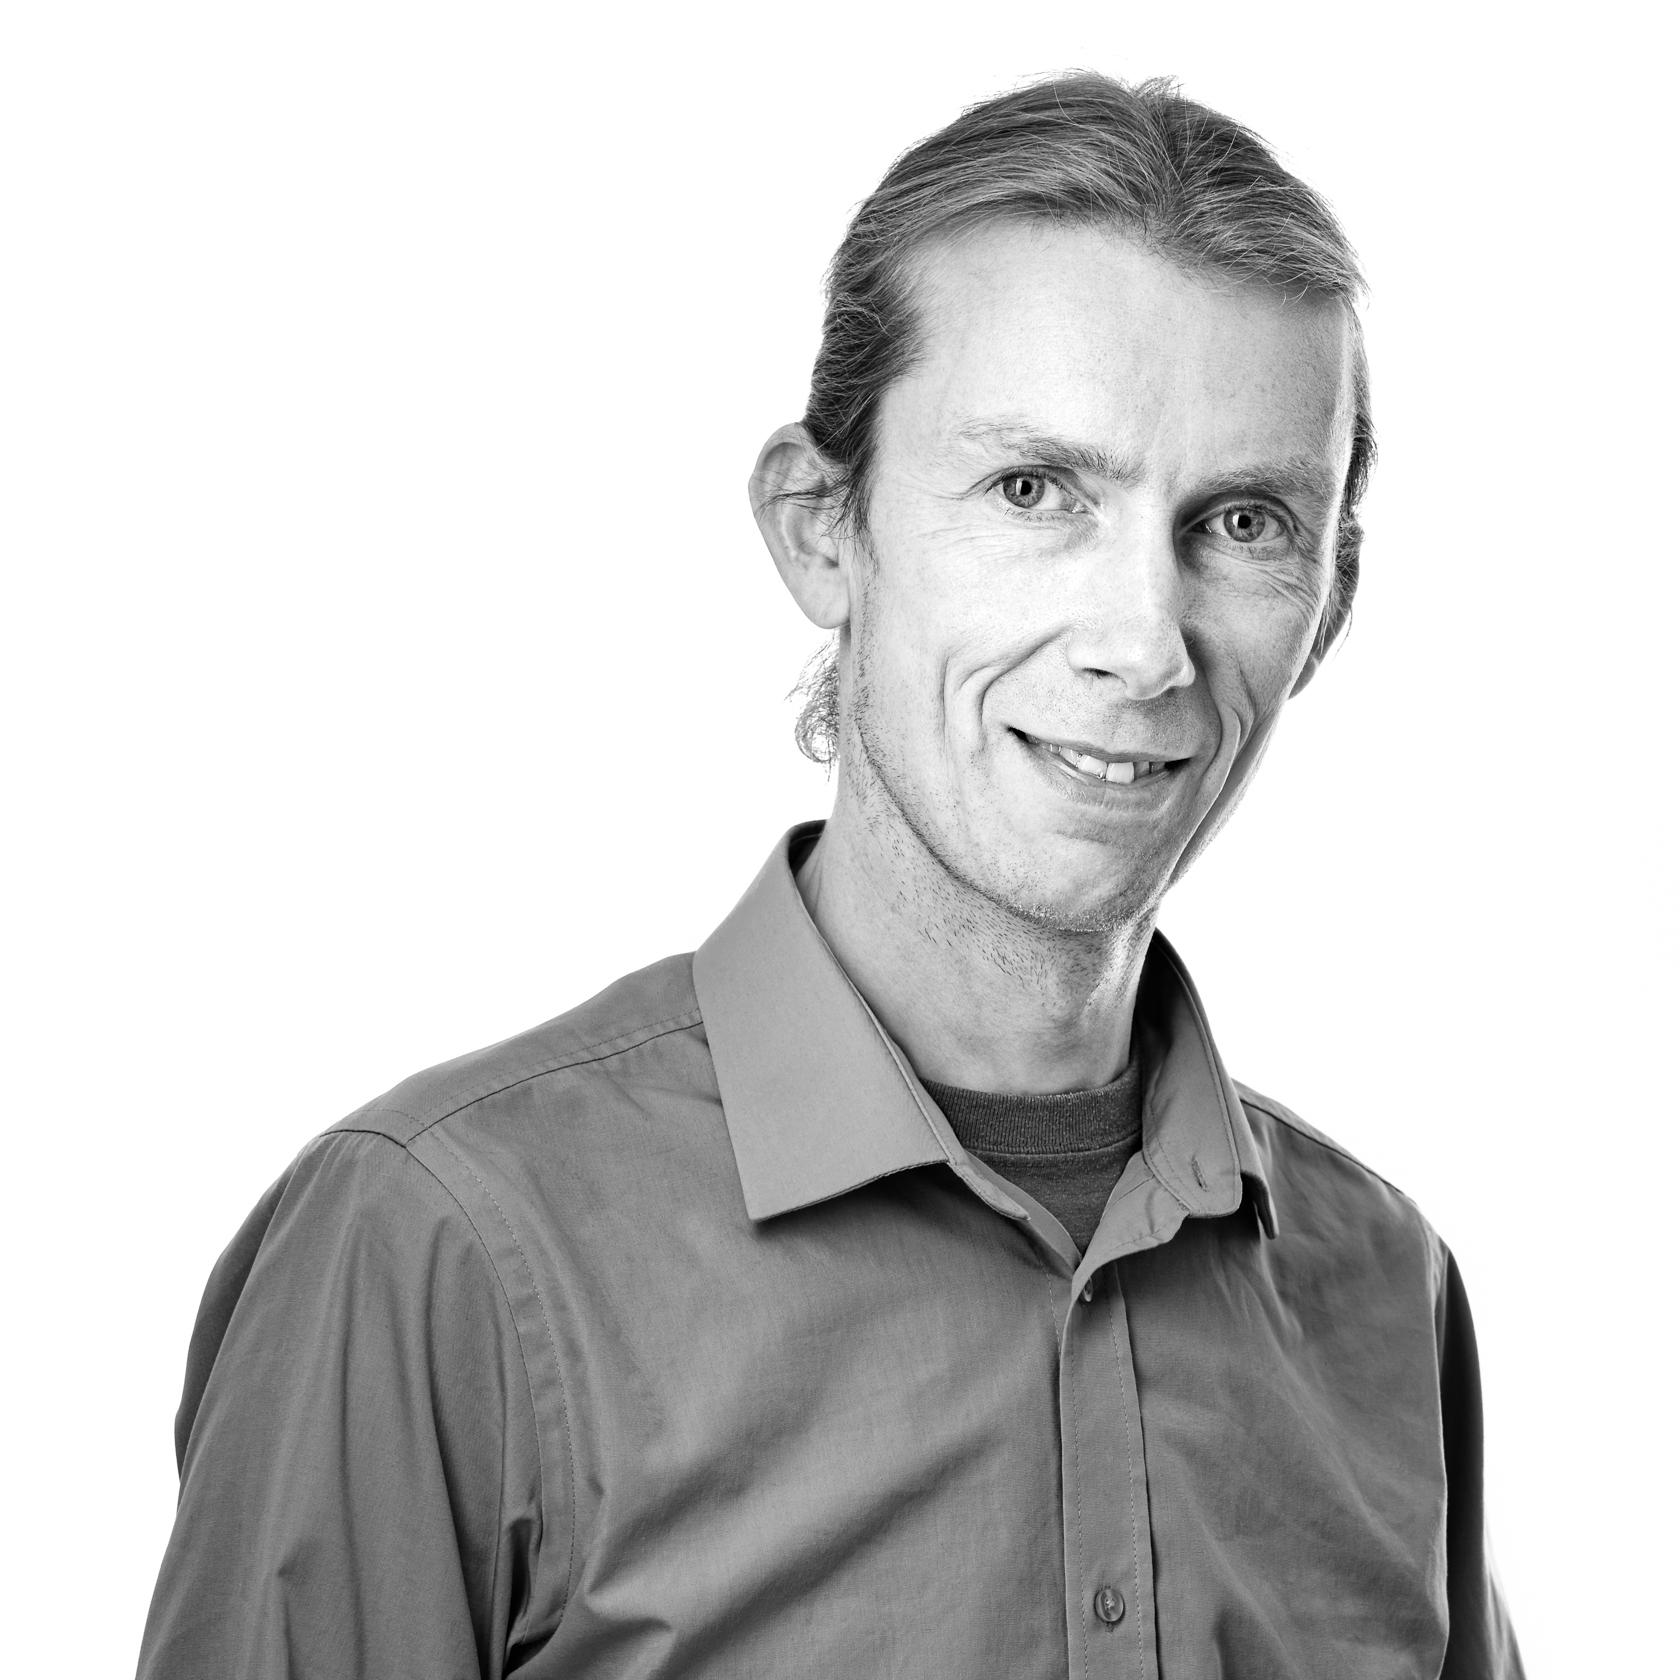 André Risnes